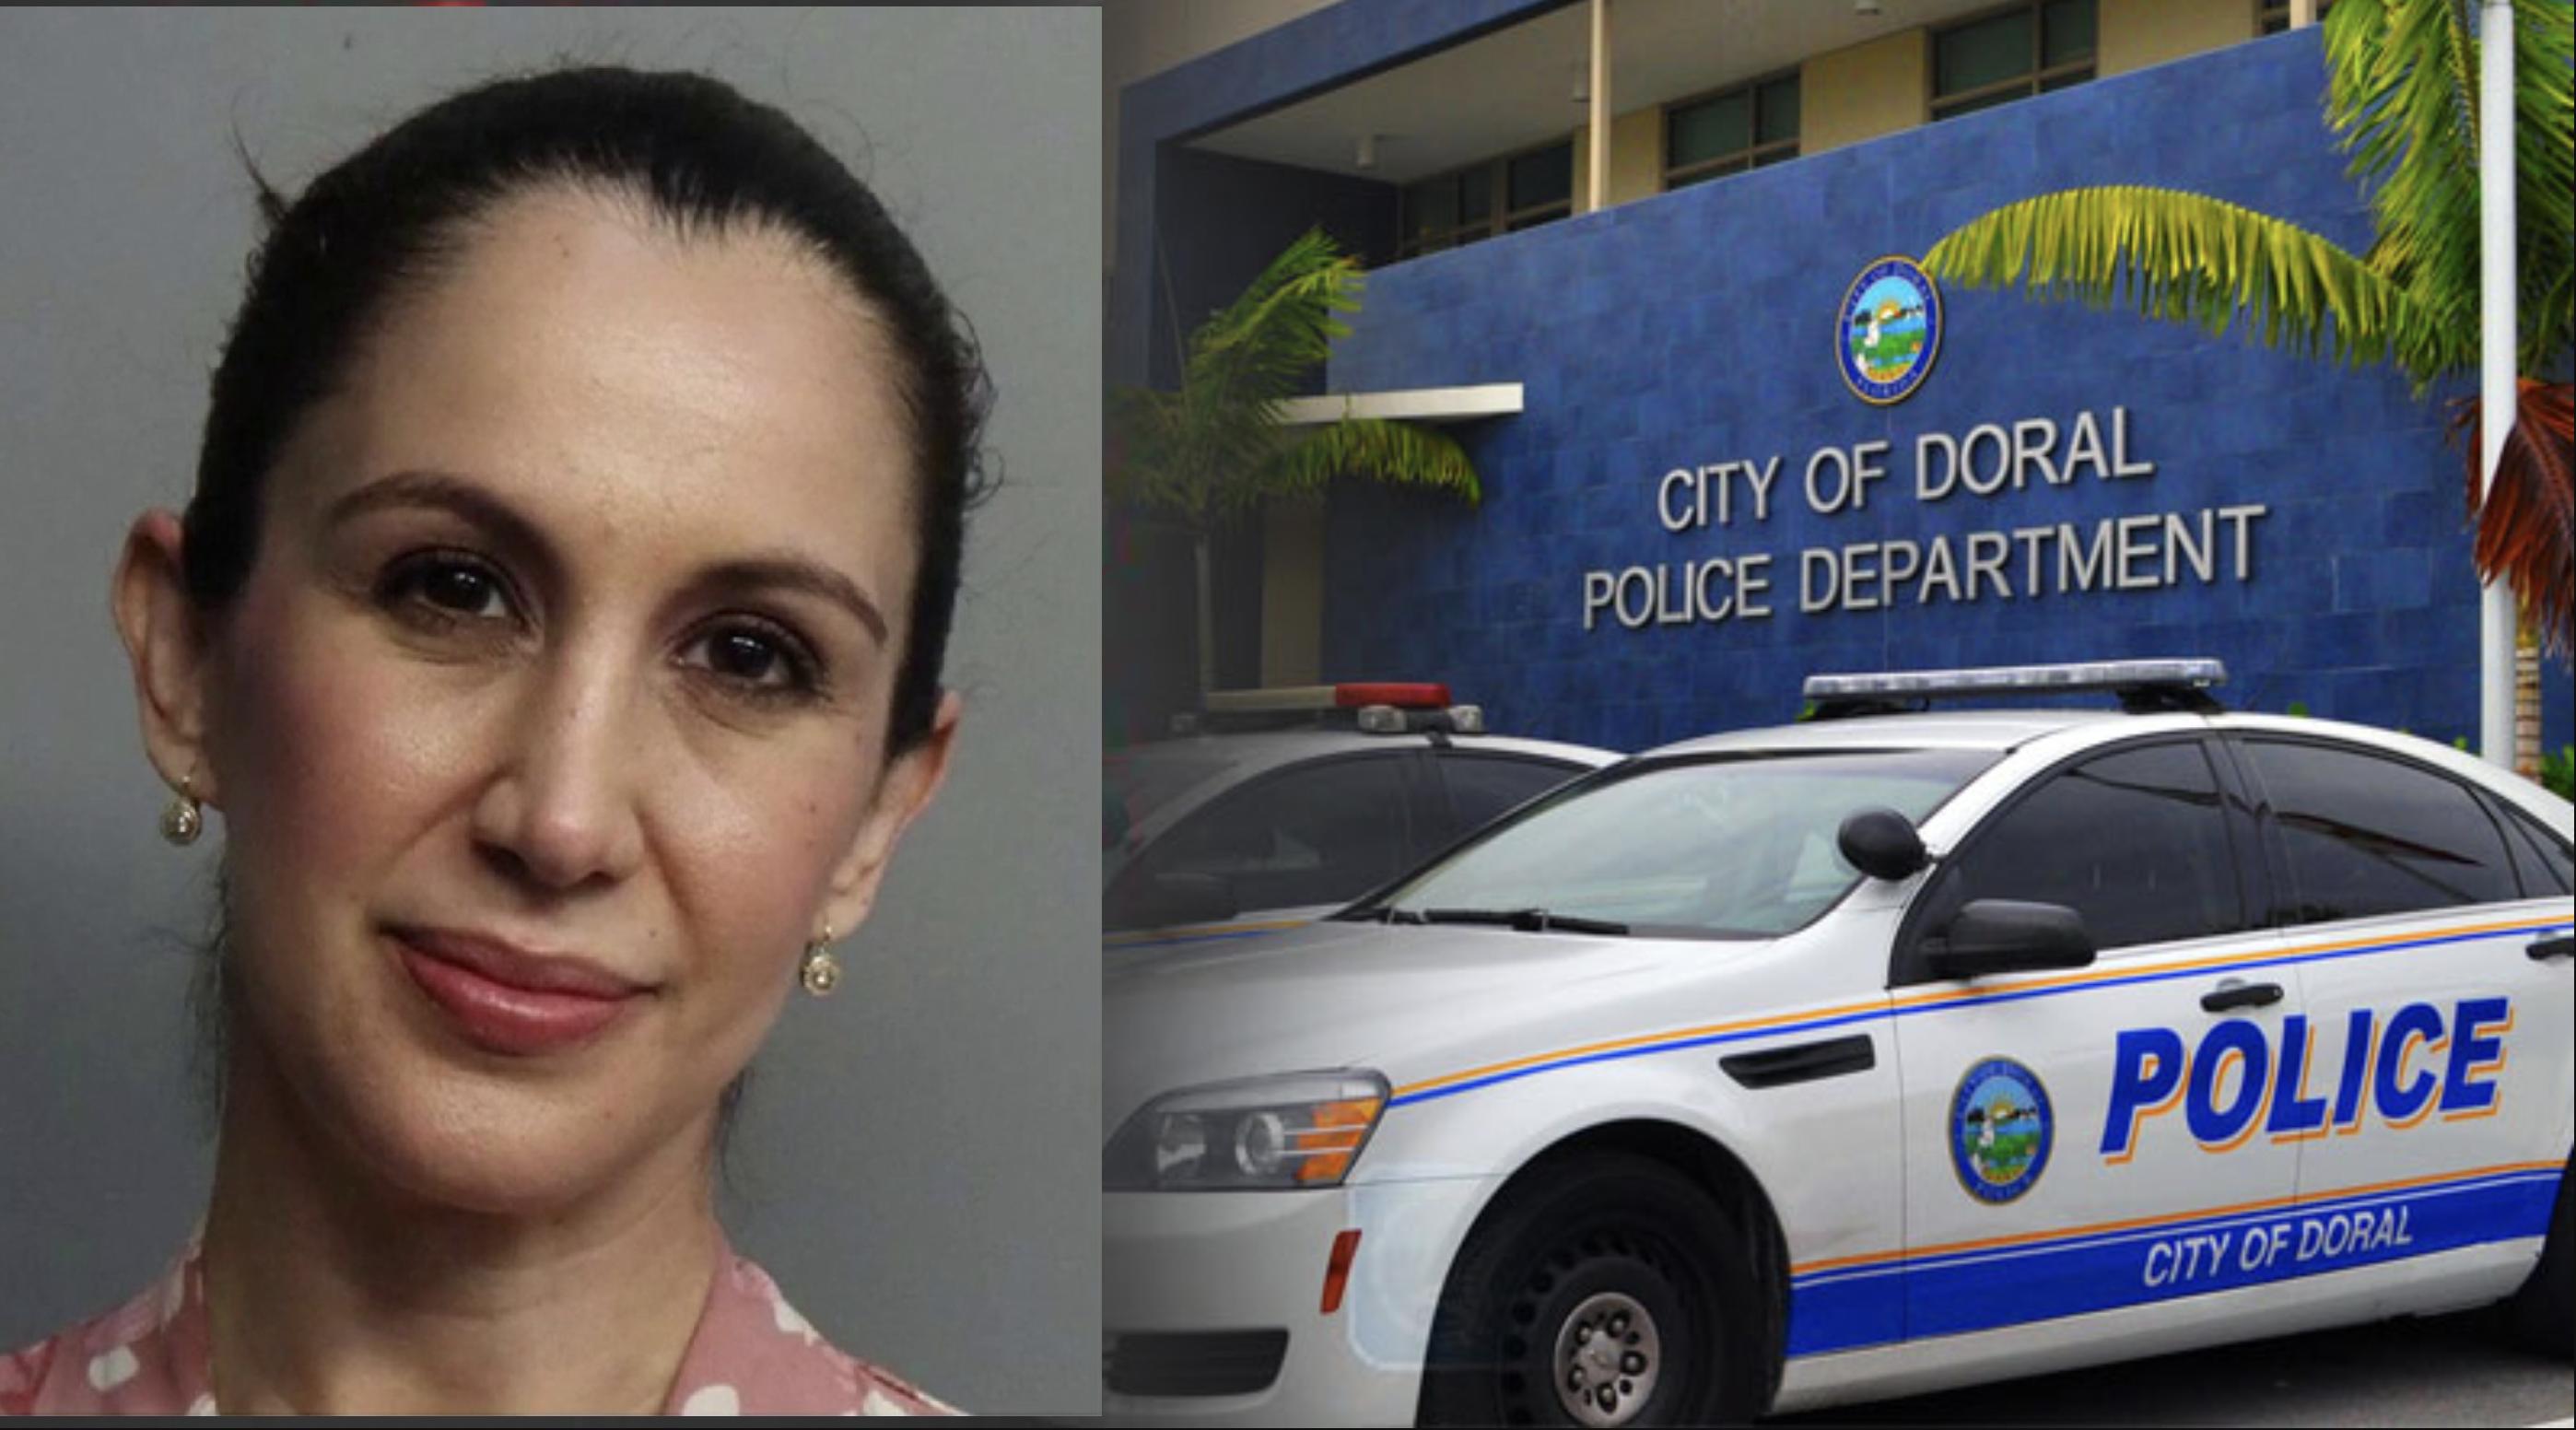 maestra del doral acusada de agresion sexual contra adolescente esta embarazada